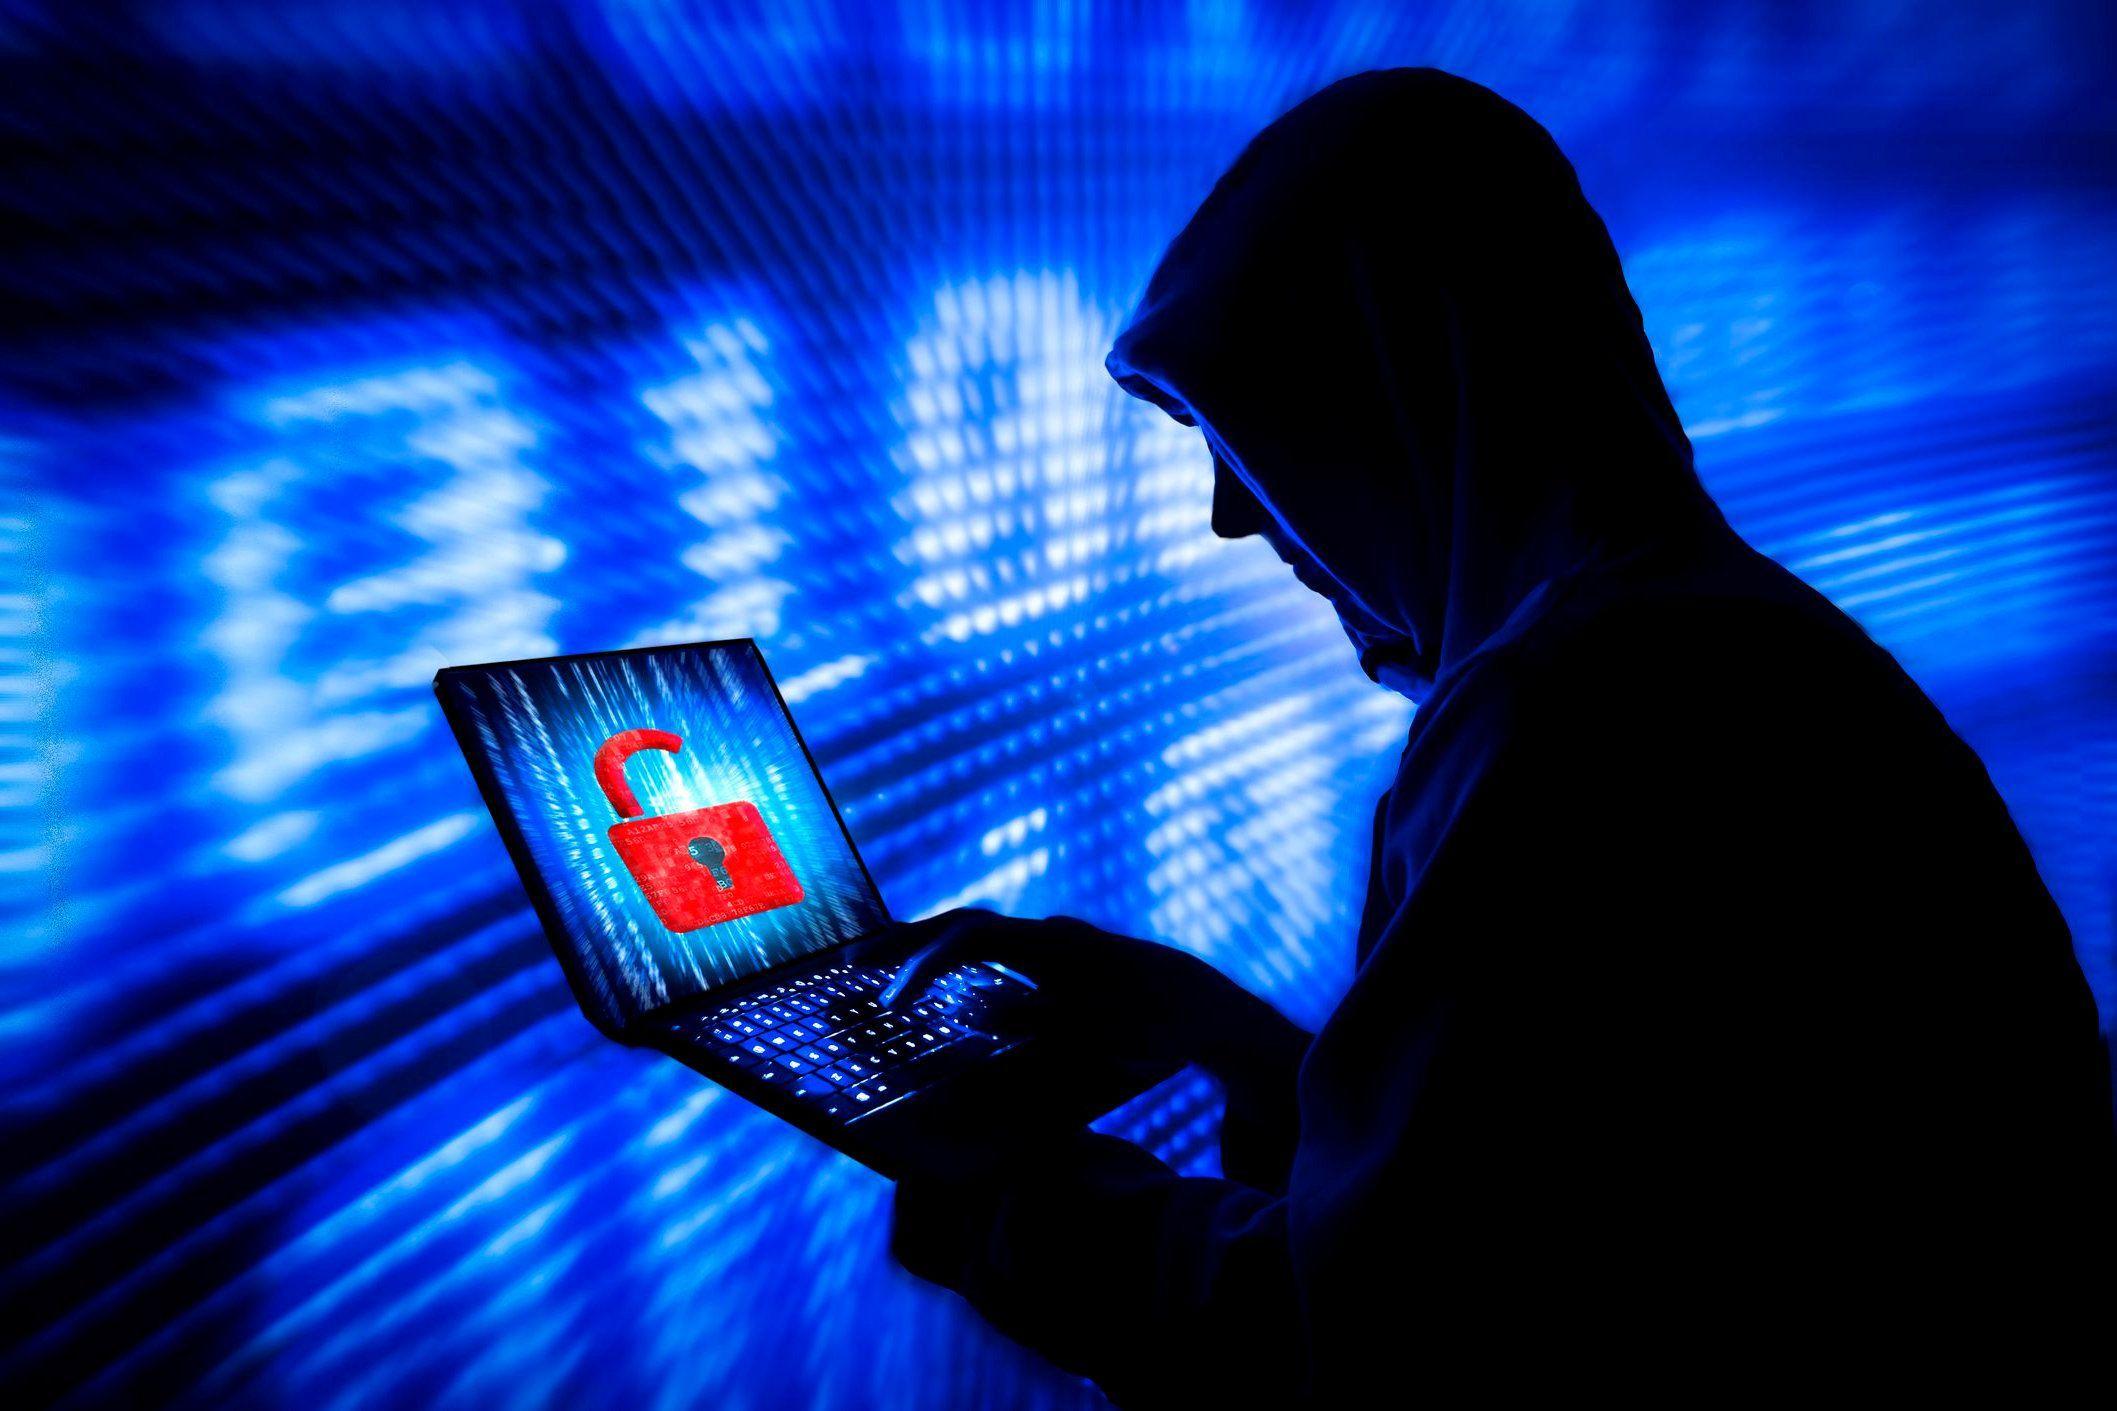 В России поймали охранника, который подрабатывал хакерством